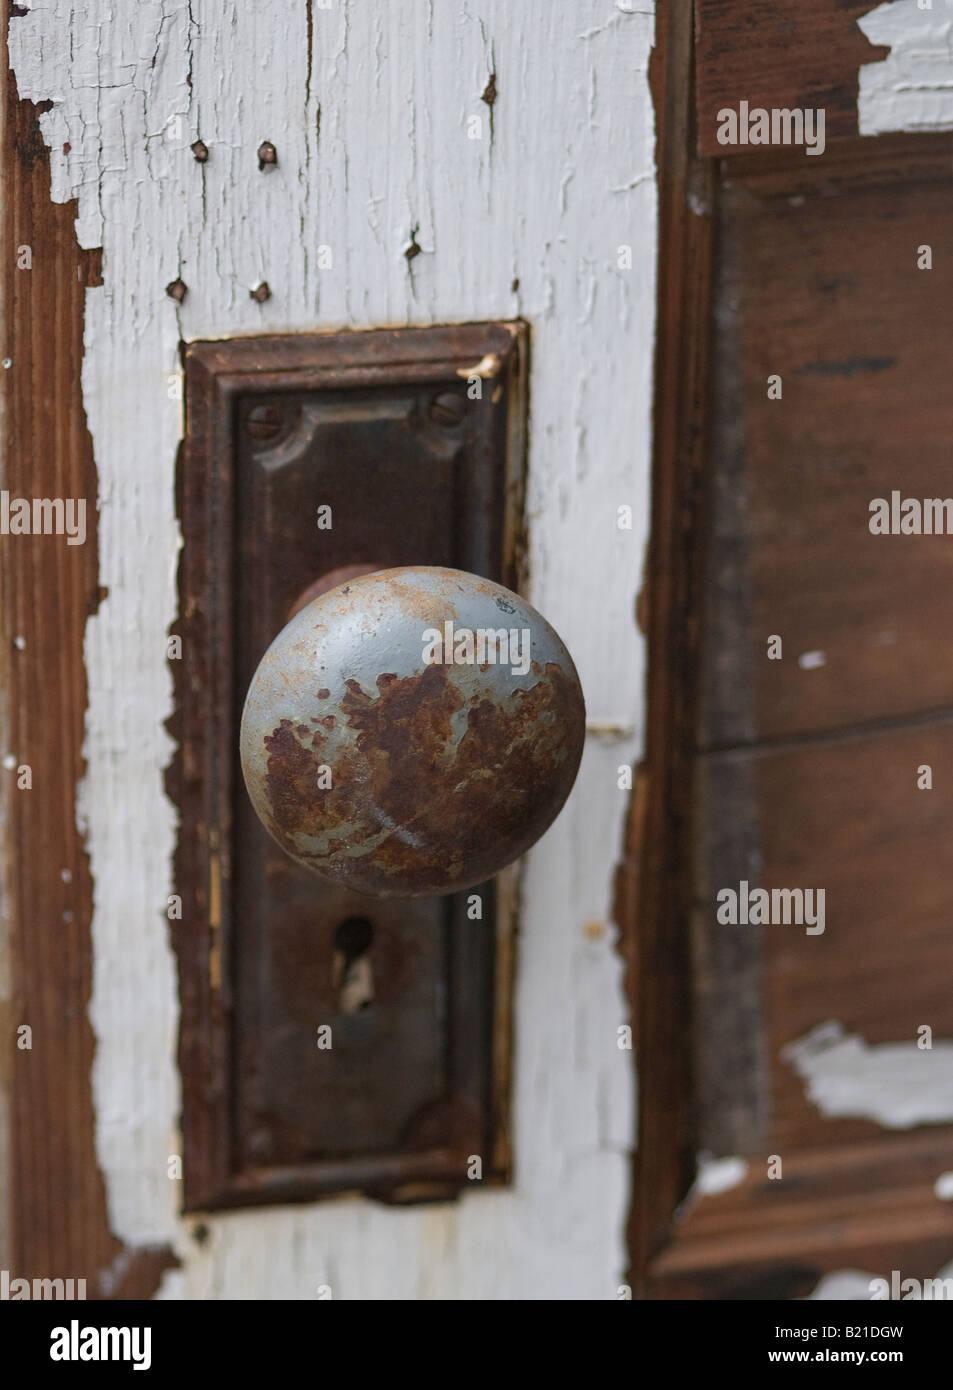 Old fashioned antique doorknob on wooden door - Stock Image